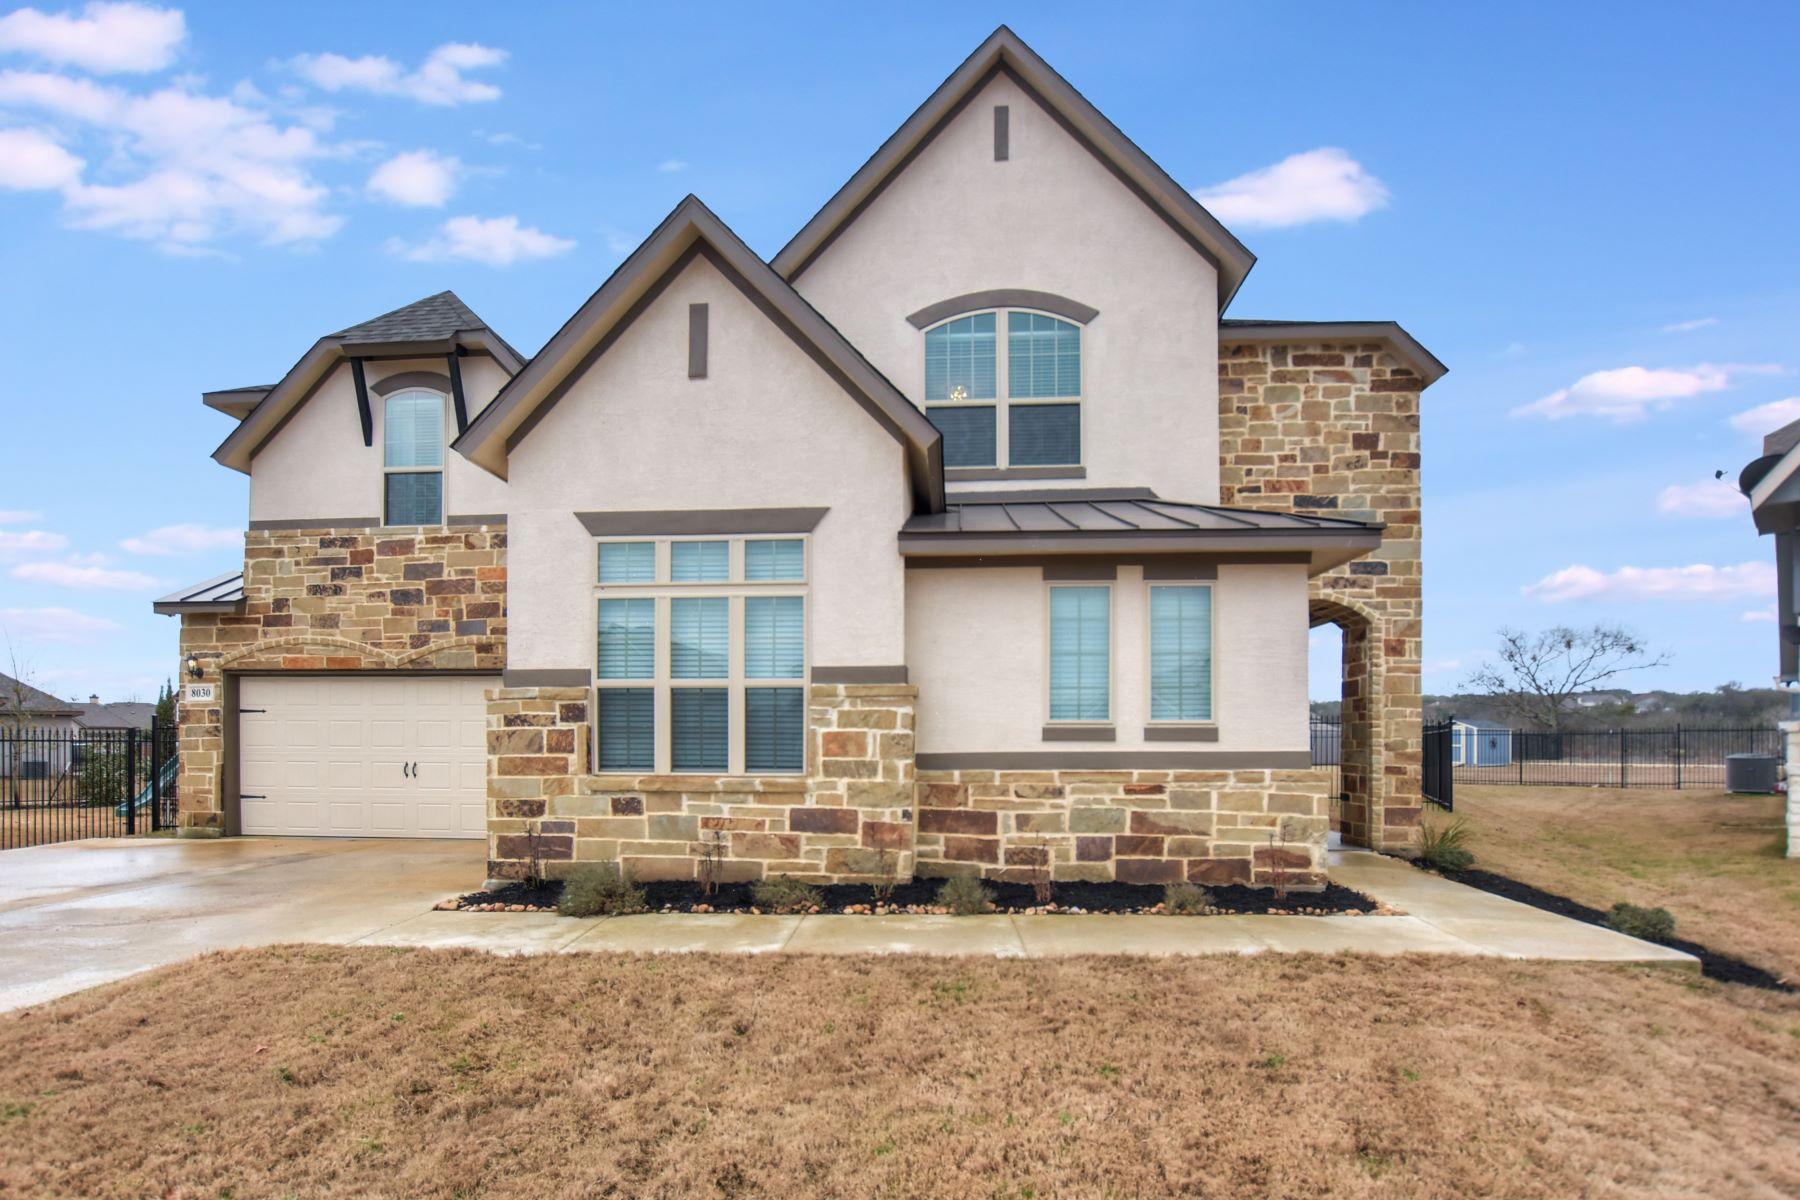 Частный односемейный дом для того Продажа на Upgraded Home in Fair Oaks Ranch 8030 Cibolo Valley, Fair Oaks Ranch, Техас, 78015 Соединенные Штаты